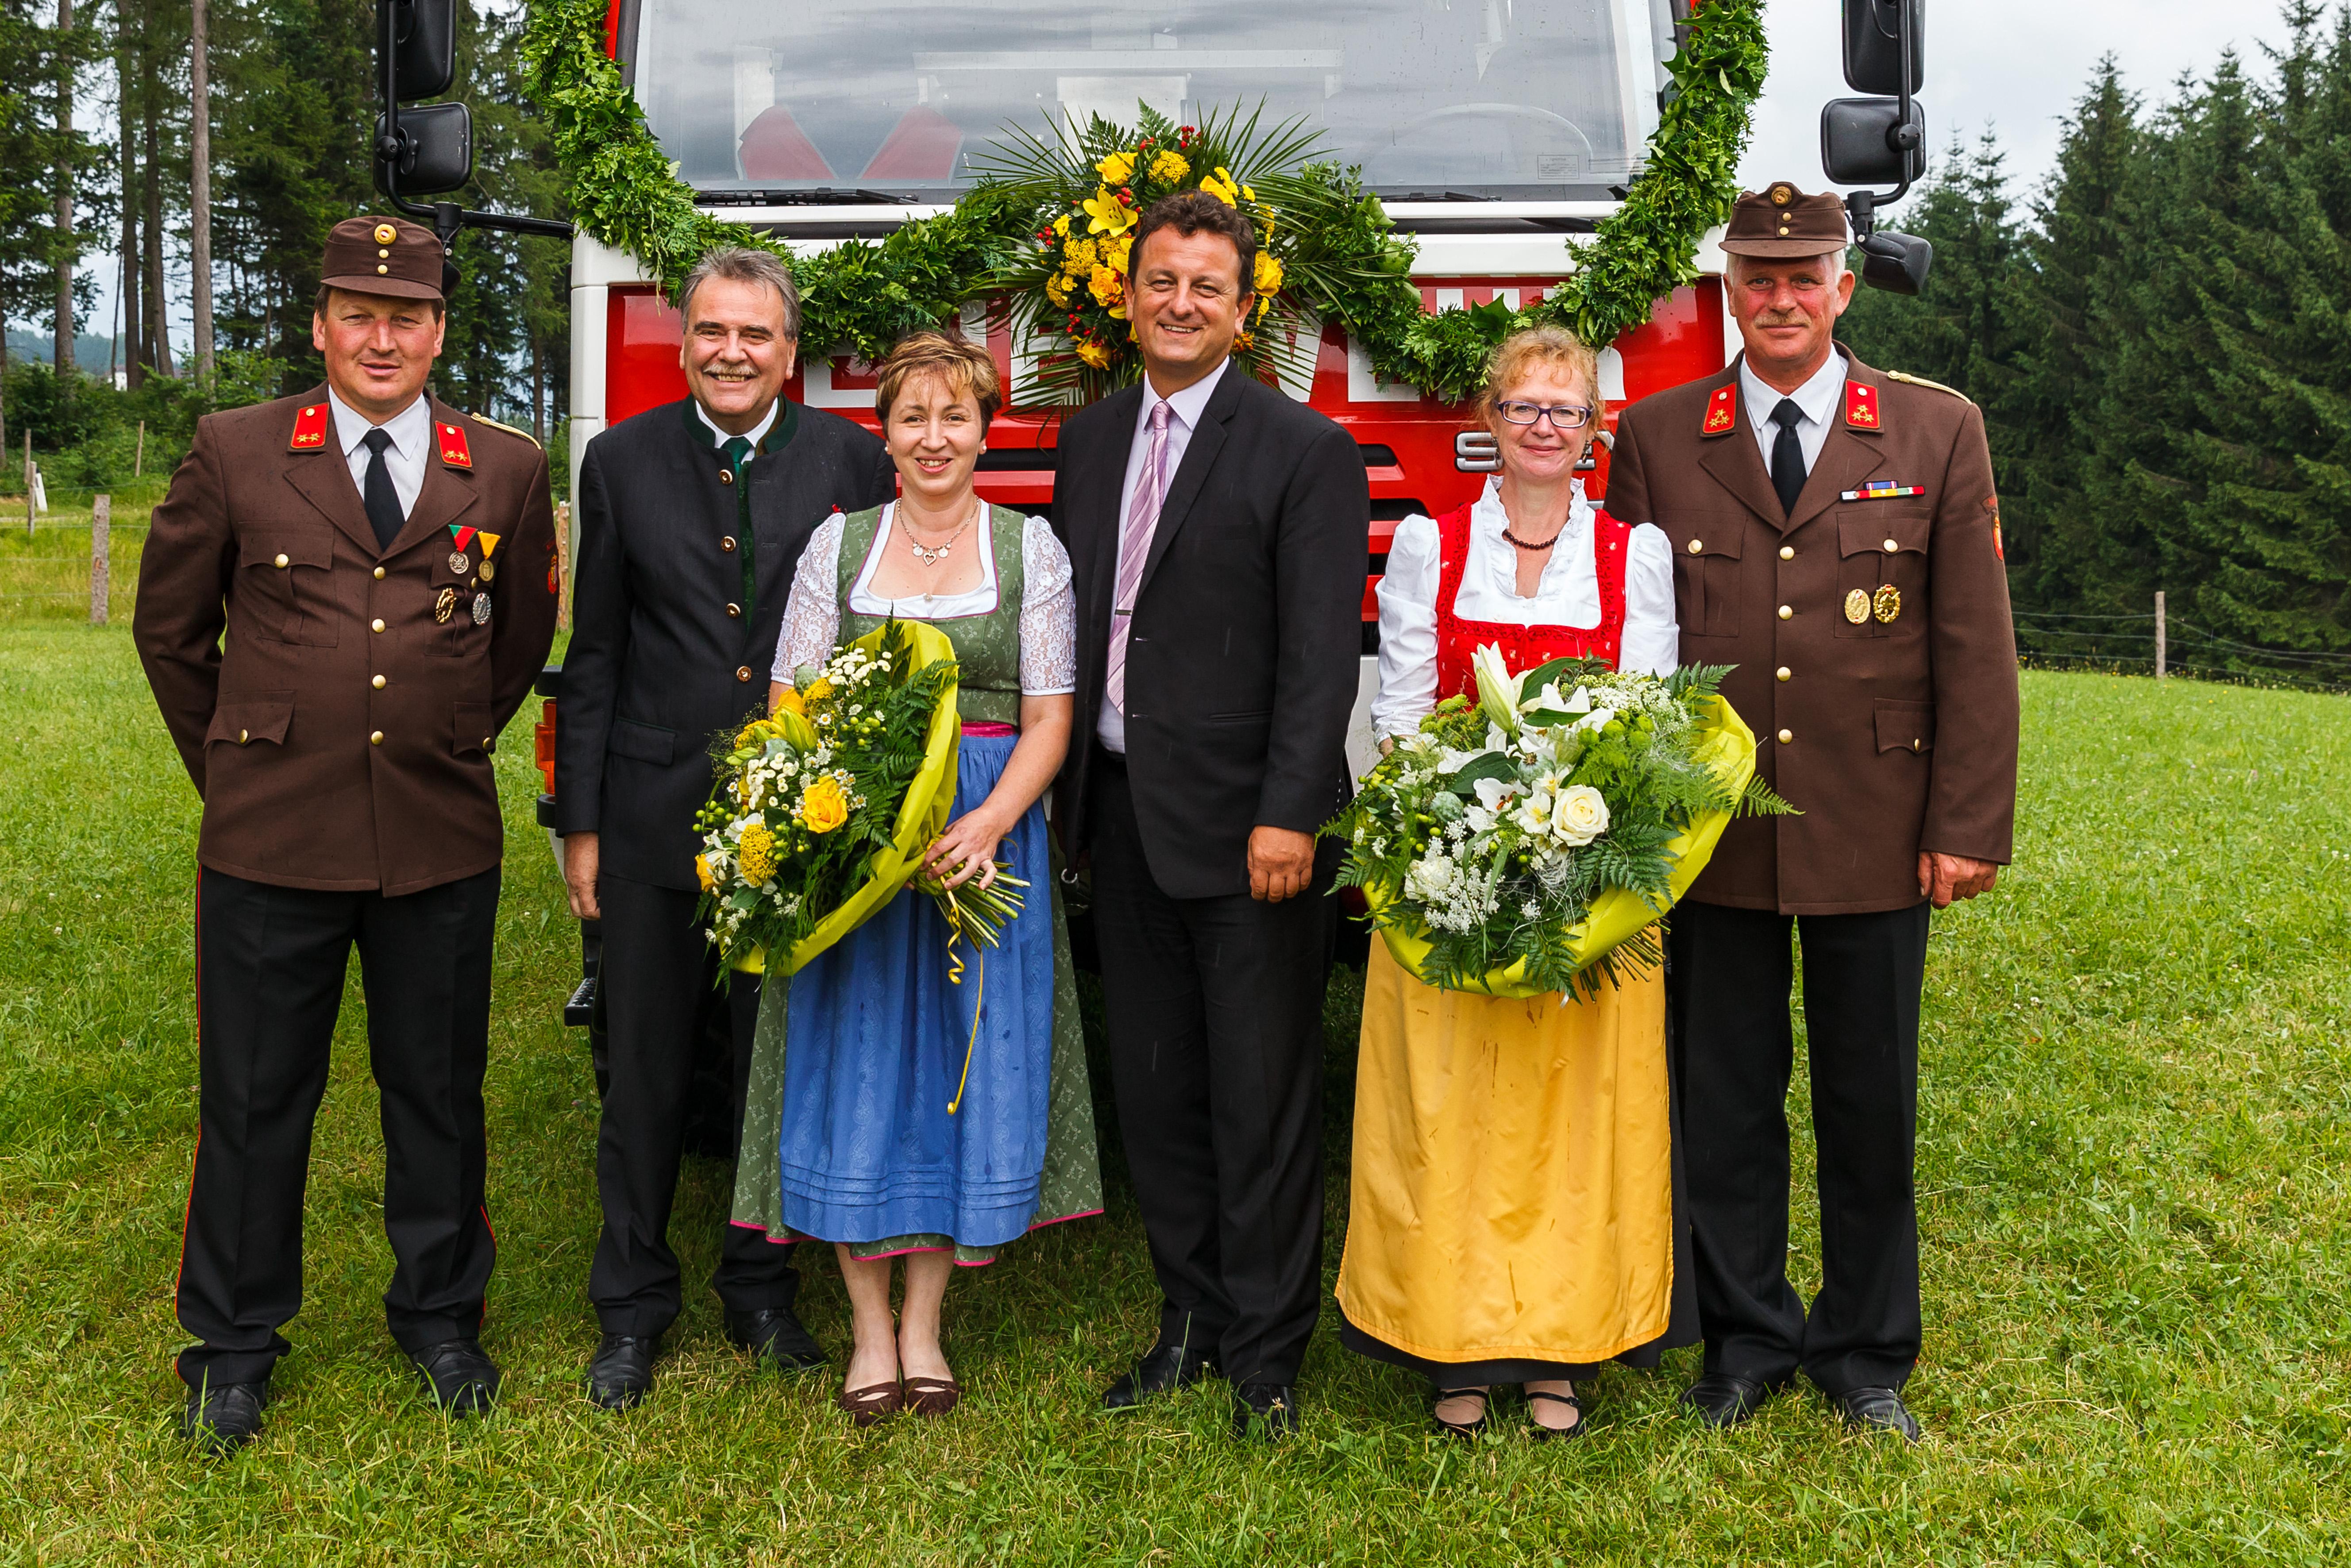 Fahrzeugsegnung Altpernstein 25. Juni 2017